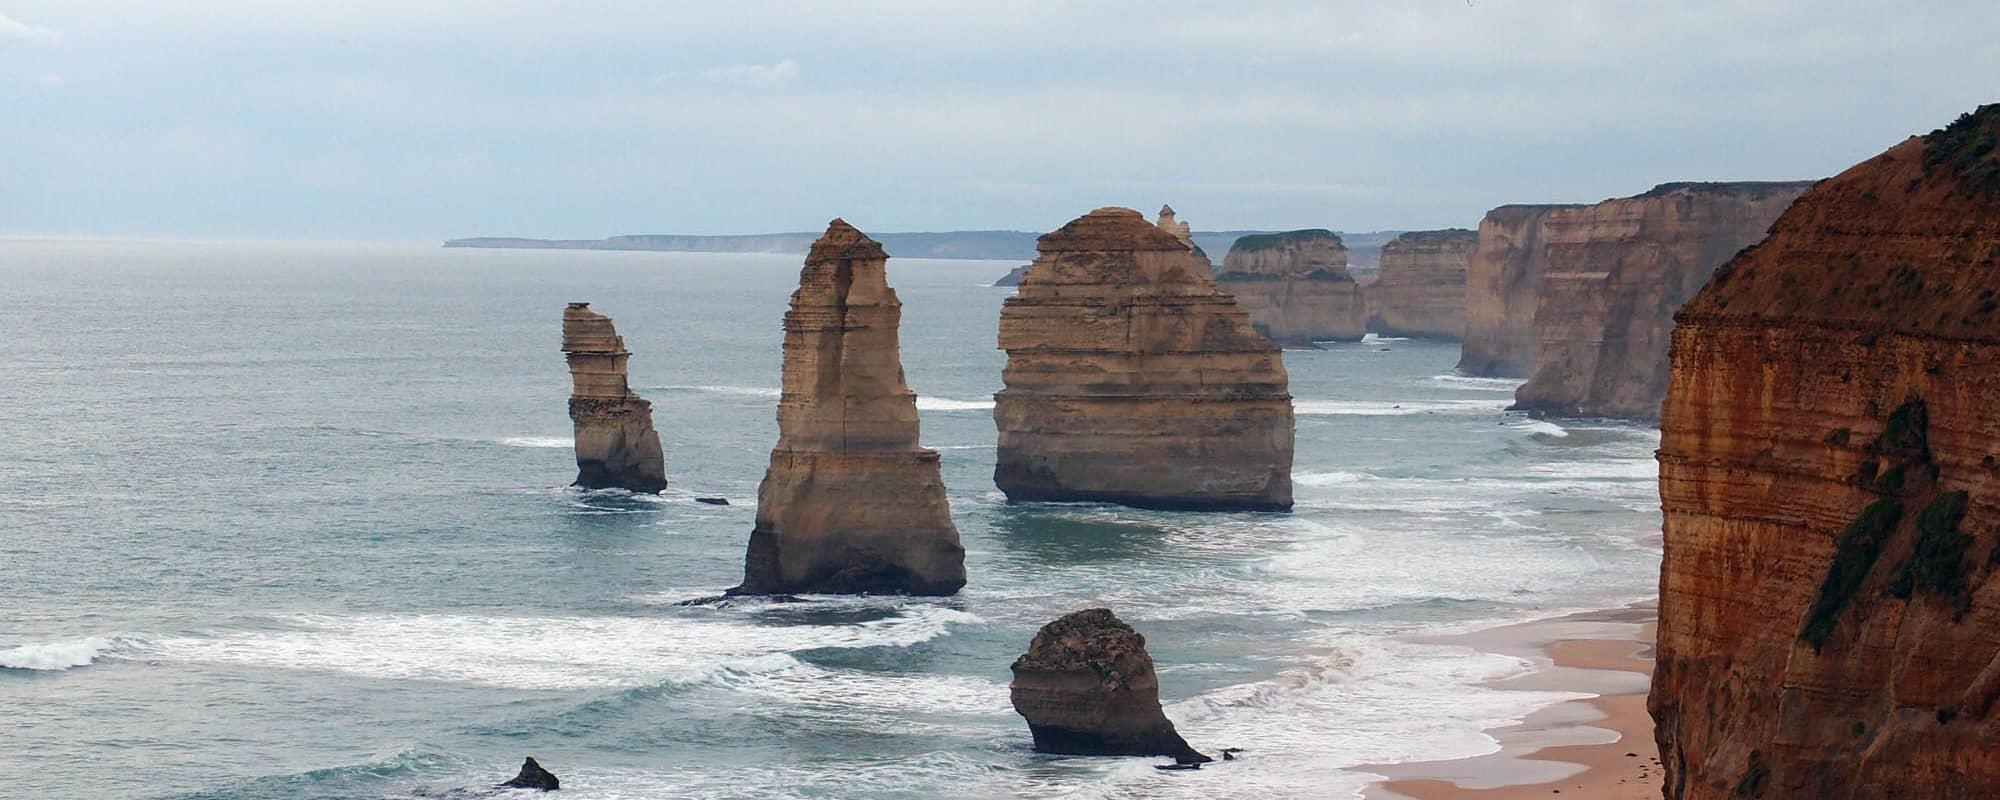 澳洲旅遊推薦!墨爾本郊區5大必遊熱門景點Melbourne Tour –最美公路The Great Ocean Road大洋路、十二門徒石